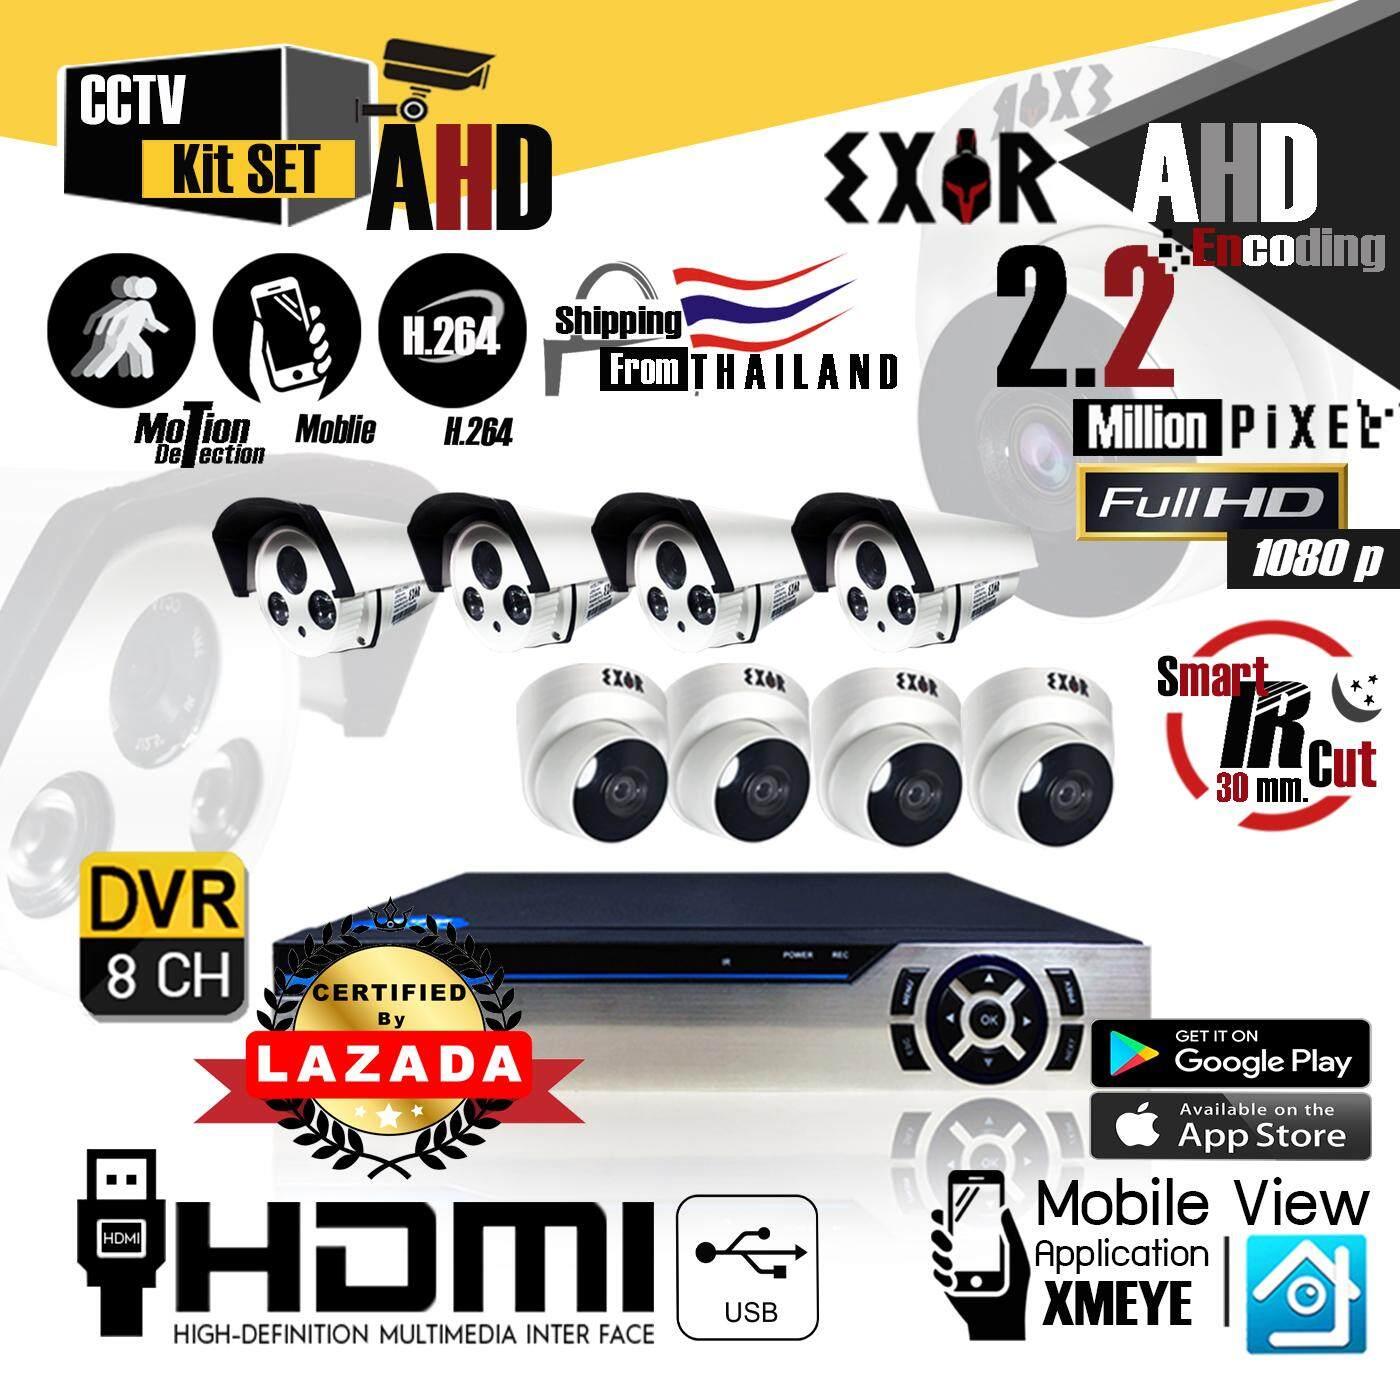 คูปอง ส่วนลด เมื่อซื้อ ชุดกล้องวงจรปิด EXIR CCTV 8CH AHD Kit Set 2.2 ล้านพิกเซล Full HD 1080P กล้อง 8 ตัว ทรงกระบอก และ โดม 1 ตา เลนส์ 4mm IR cut / Night vision และ เครื่องบันทึก Full HD DVR 8 CH 6 in 1 DIUS ( DTR-AFS1080B08BN ) ทนแดด ทนฝน